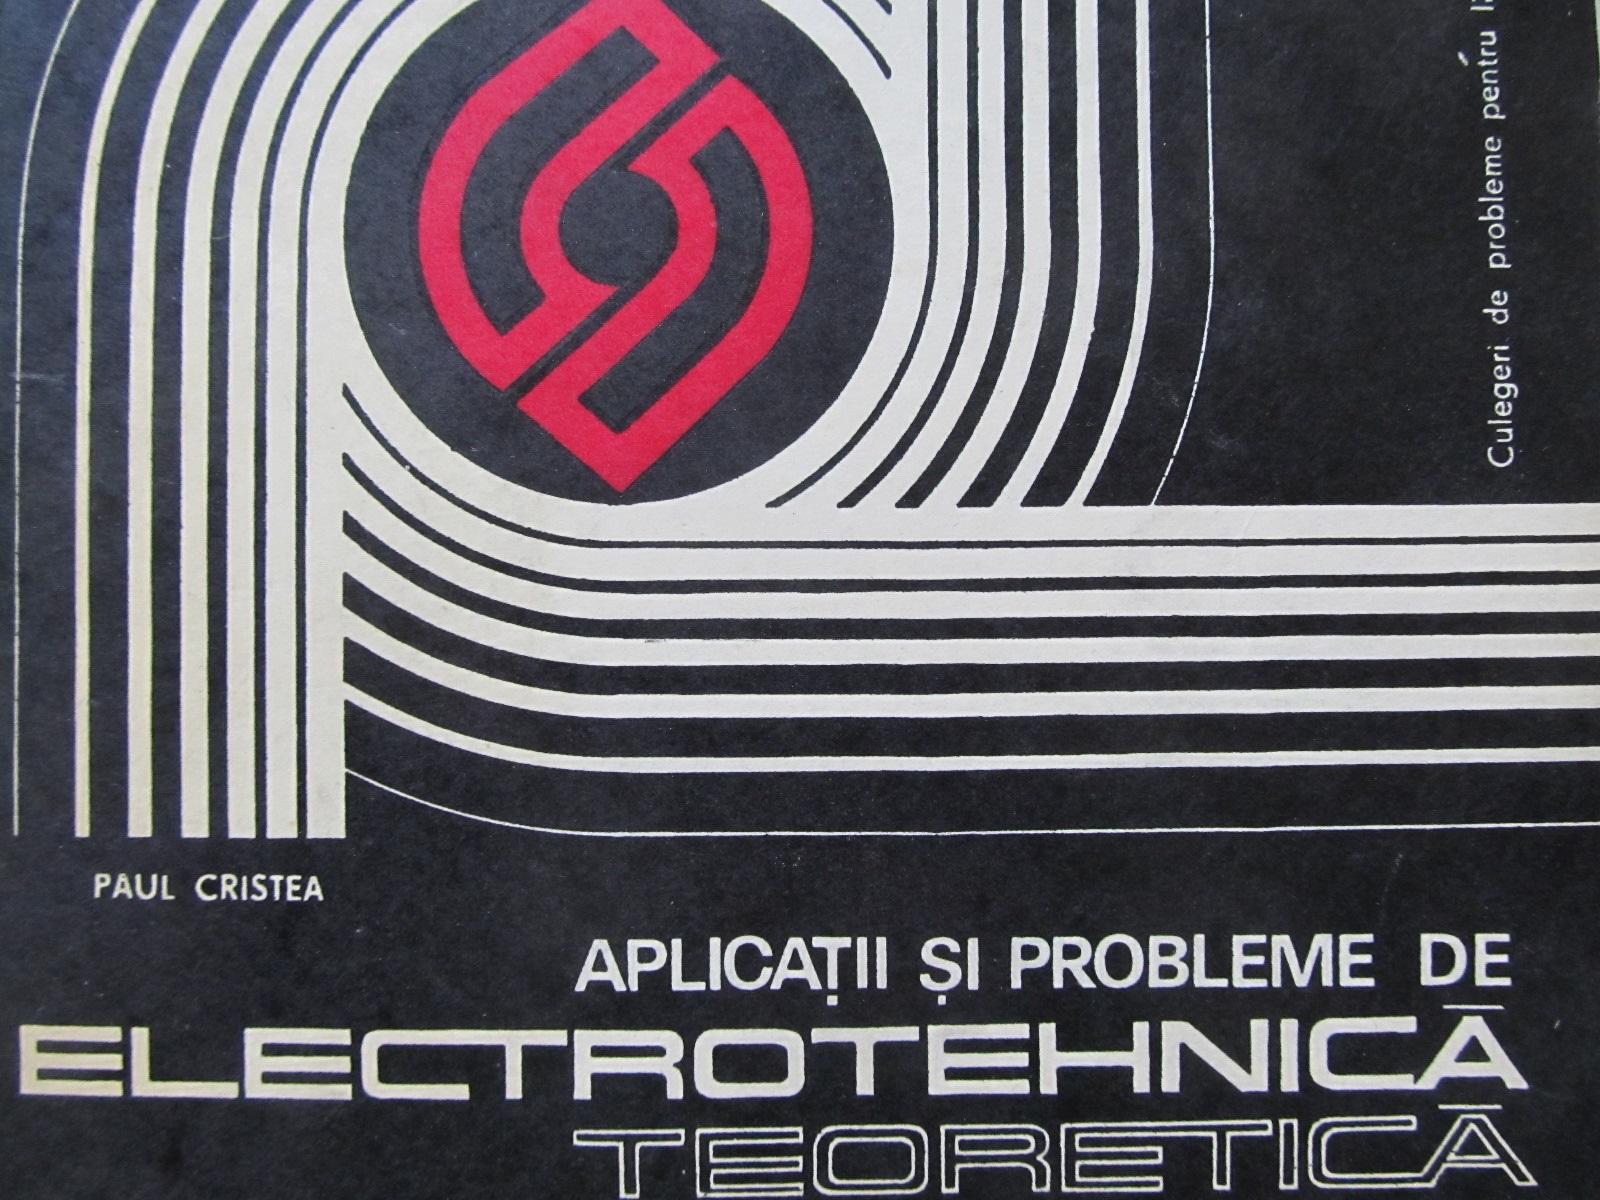 Aplicatii si probleme de electrotehnica teoretica - Paul Cristea | Detalii carte